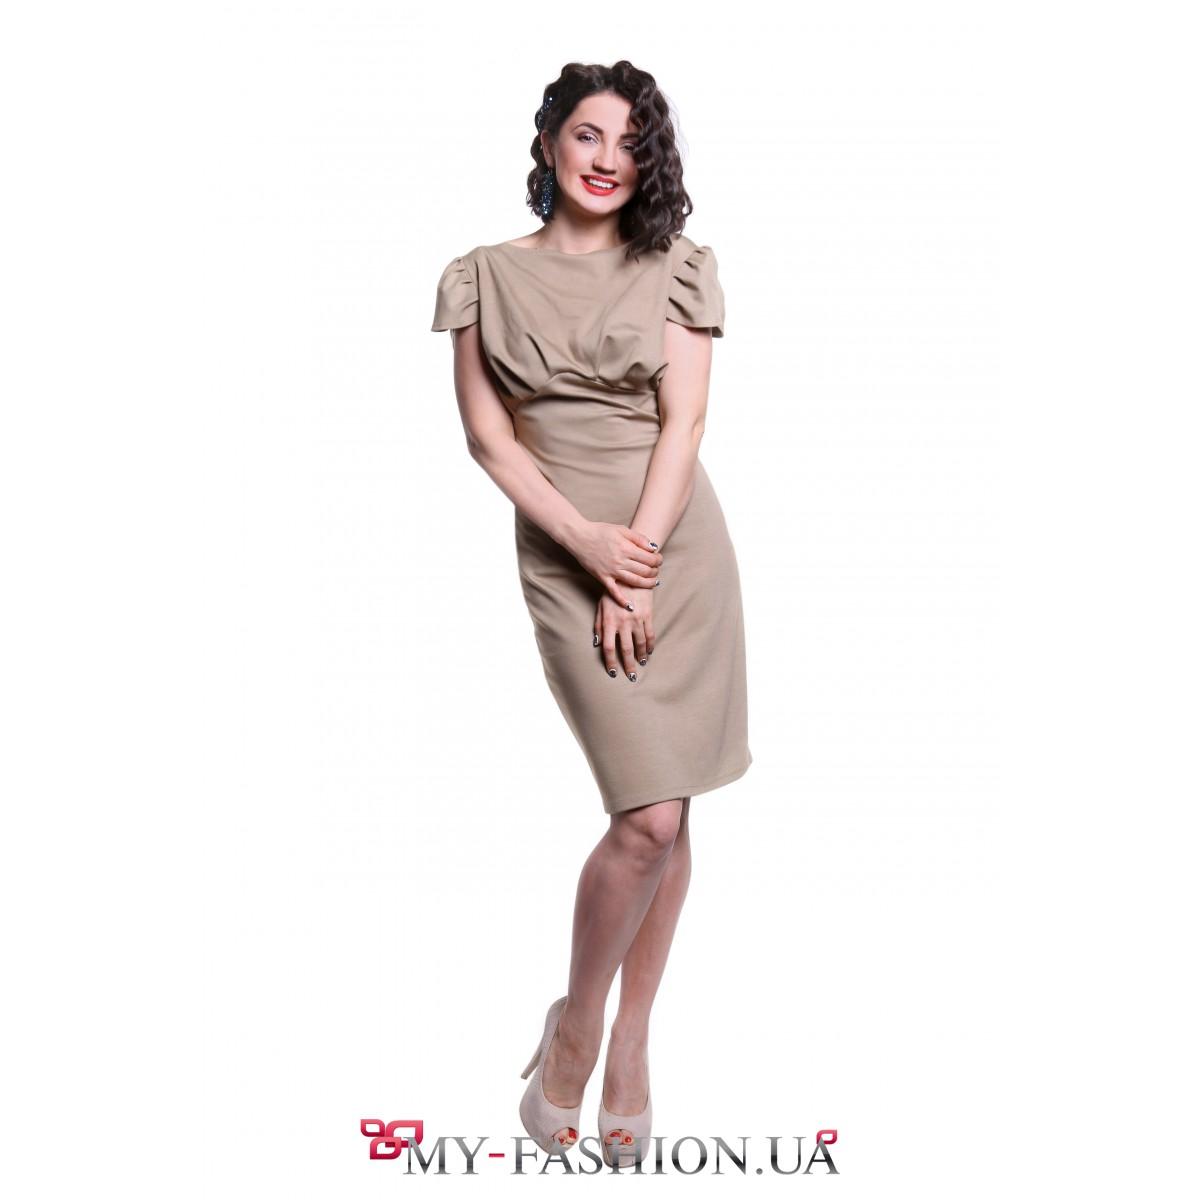 Дизайнерские Платья Доставка